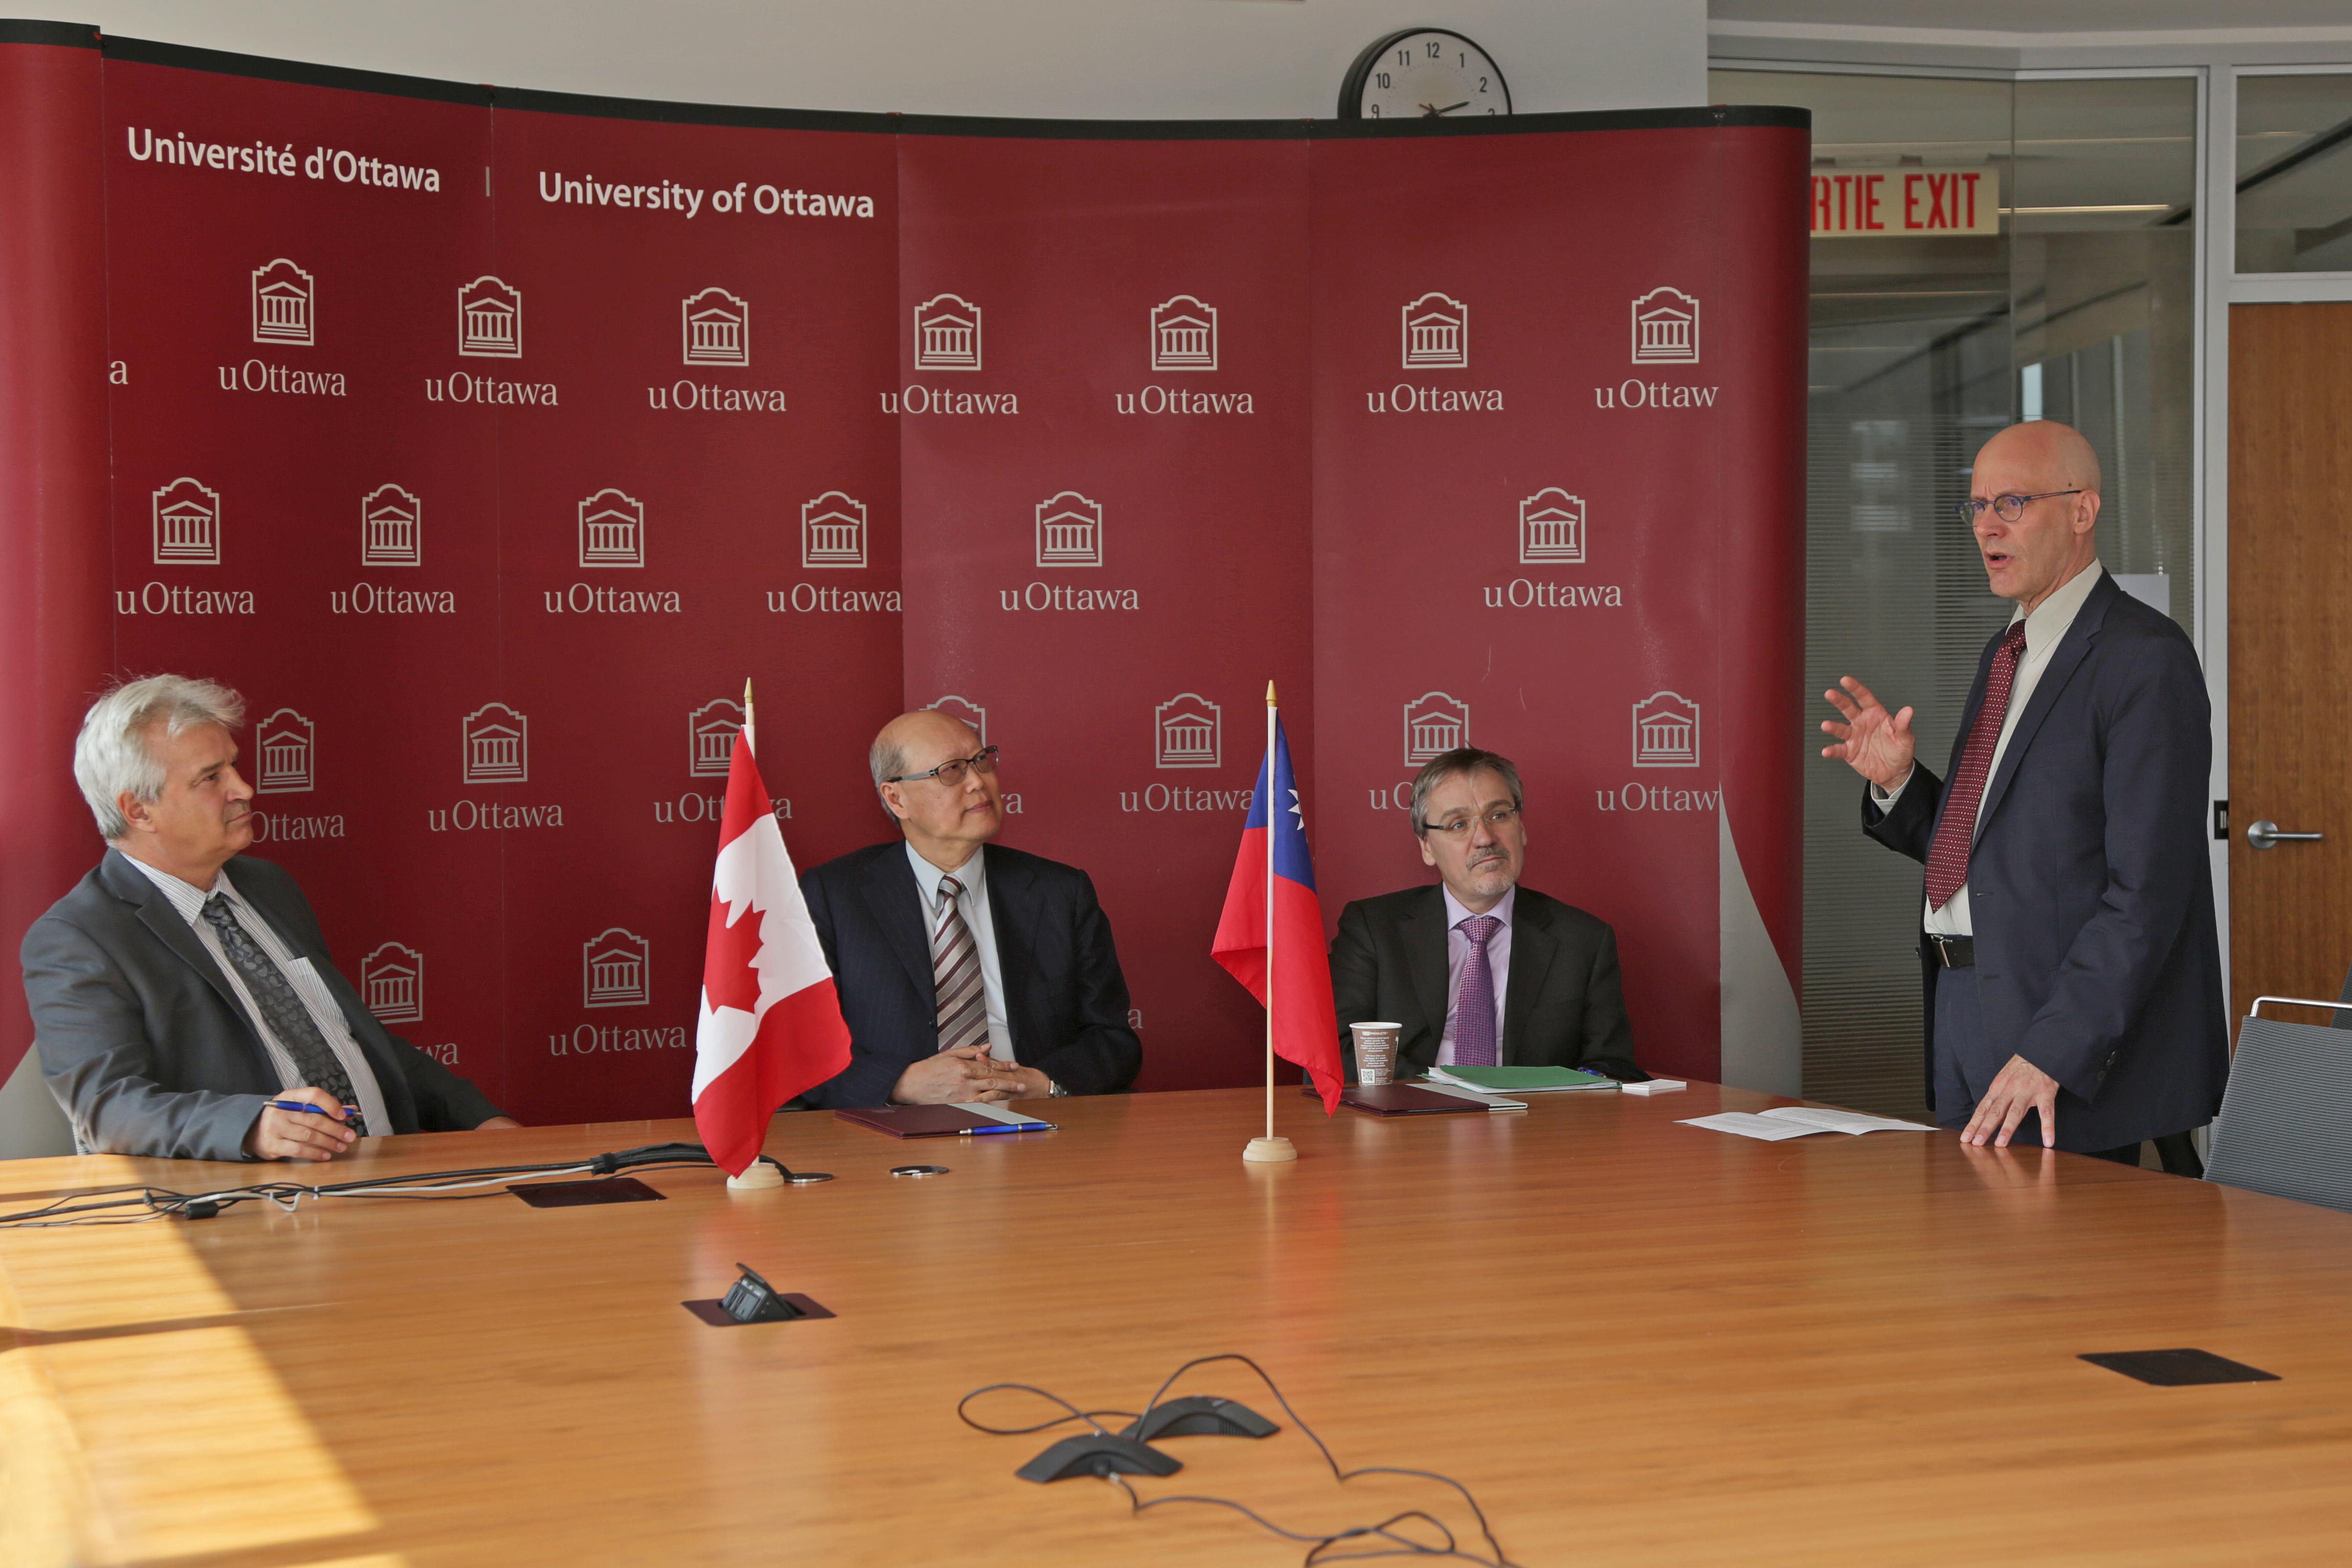 Dean Marcel Mérette, Chung-chen Kung, André Laliberté